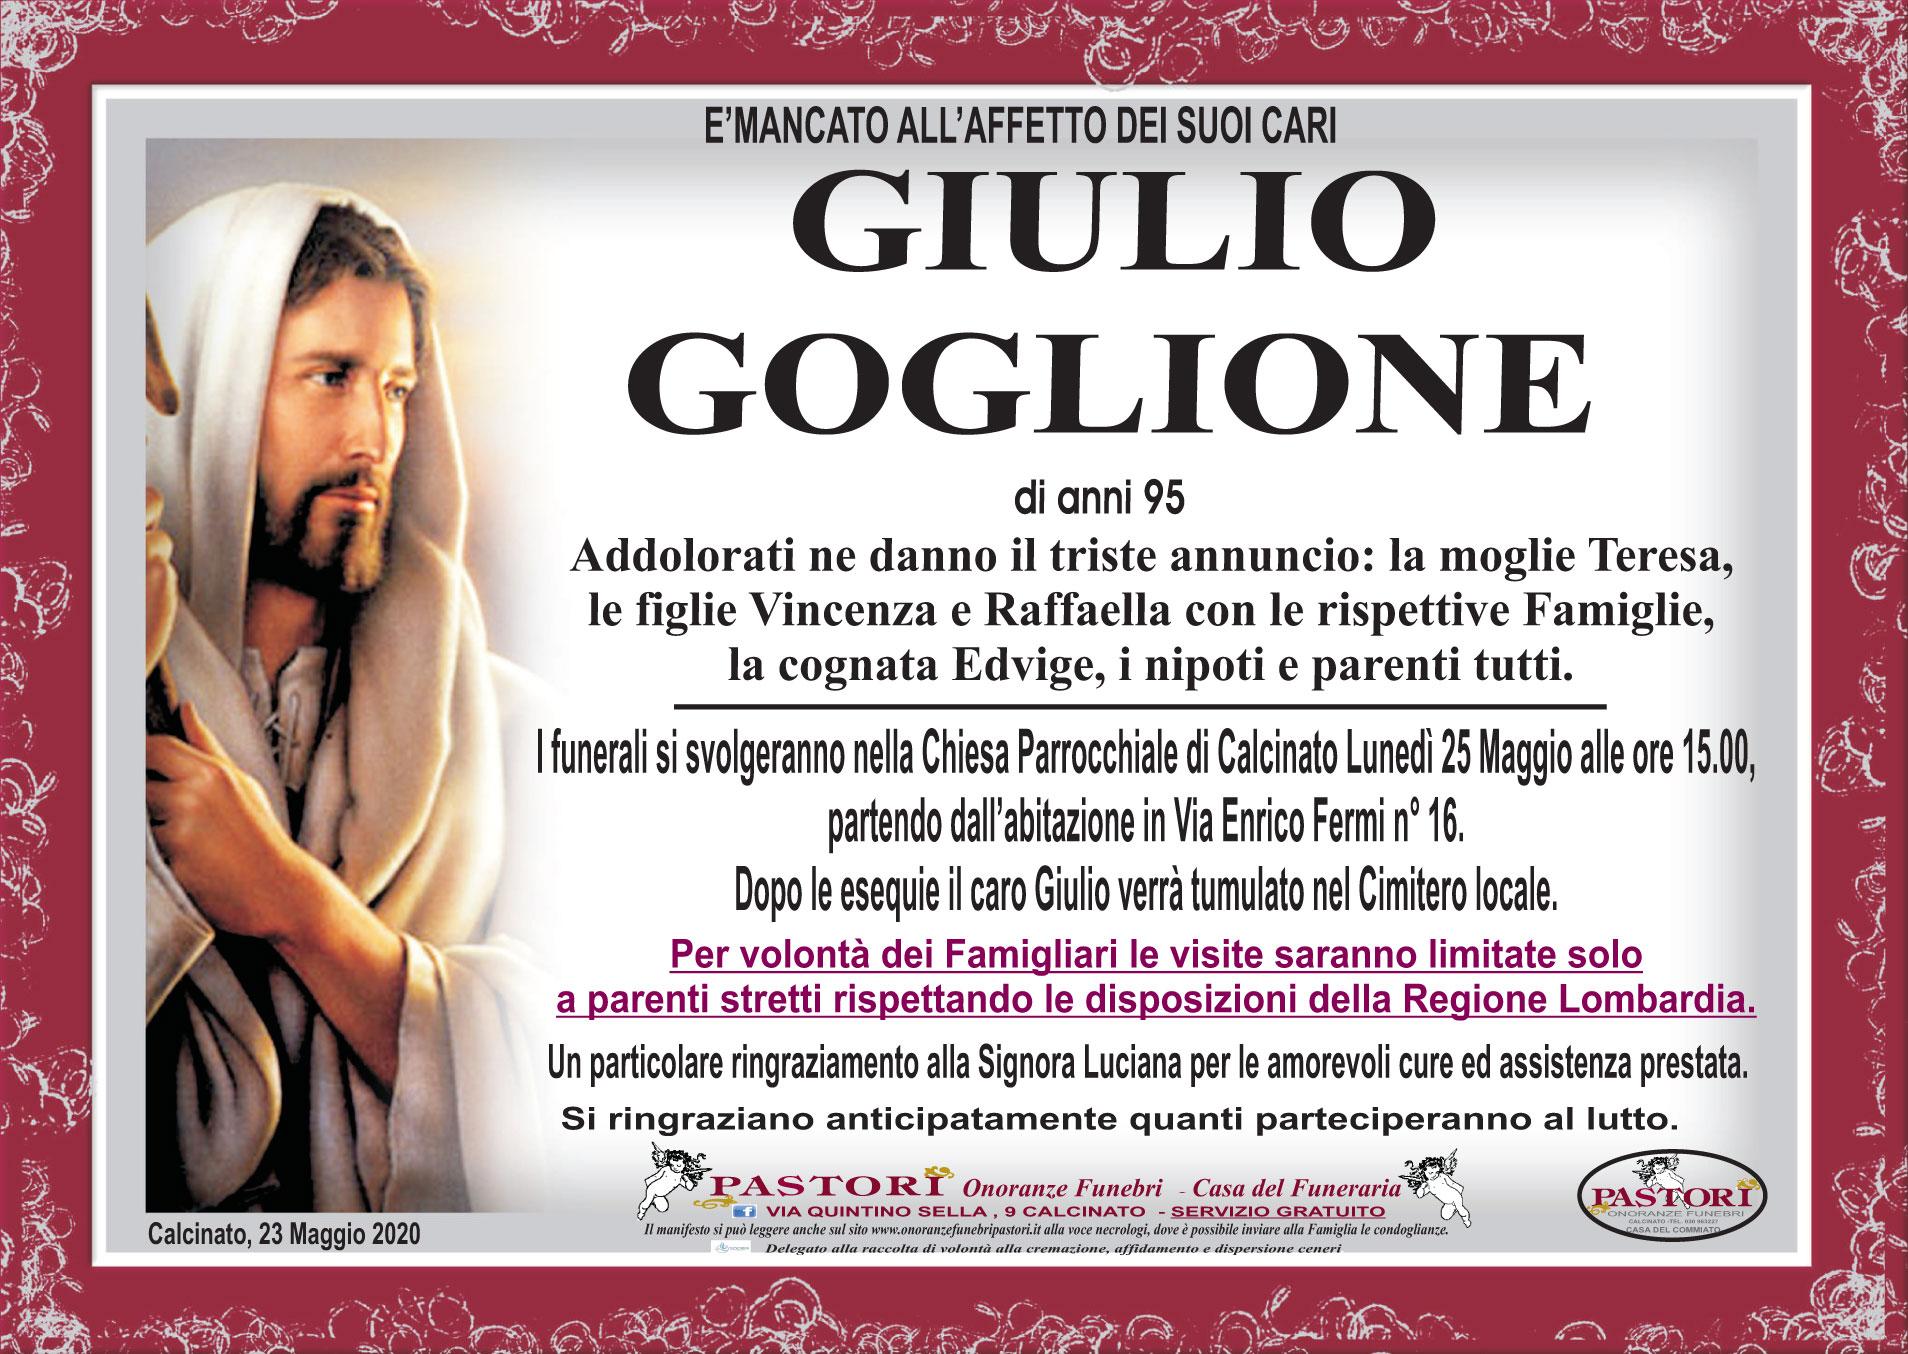 Giulio Goglione